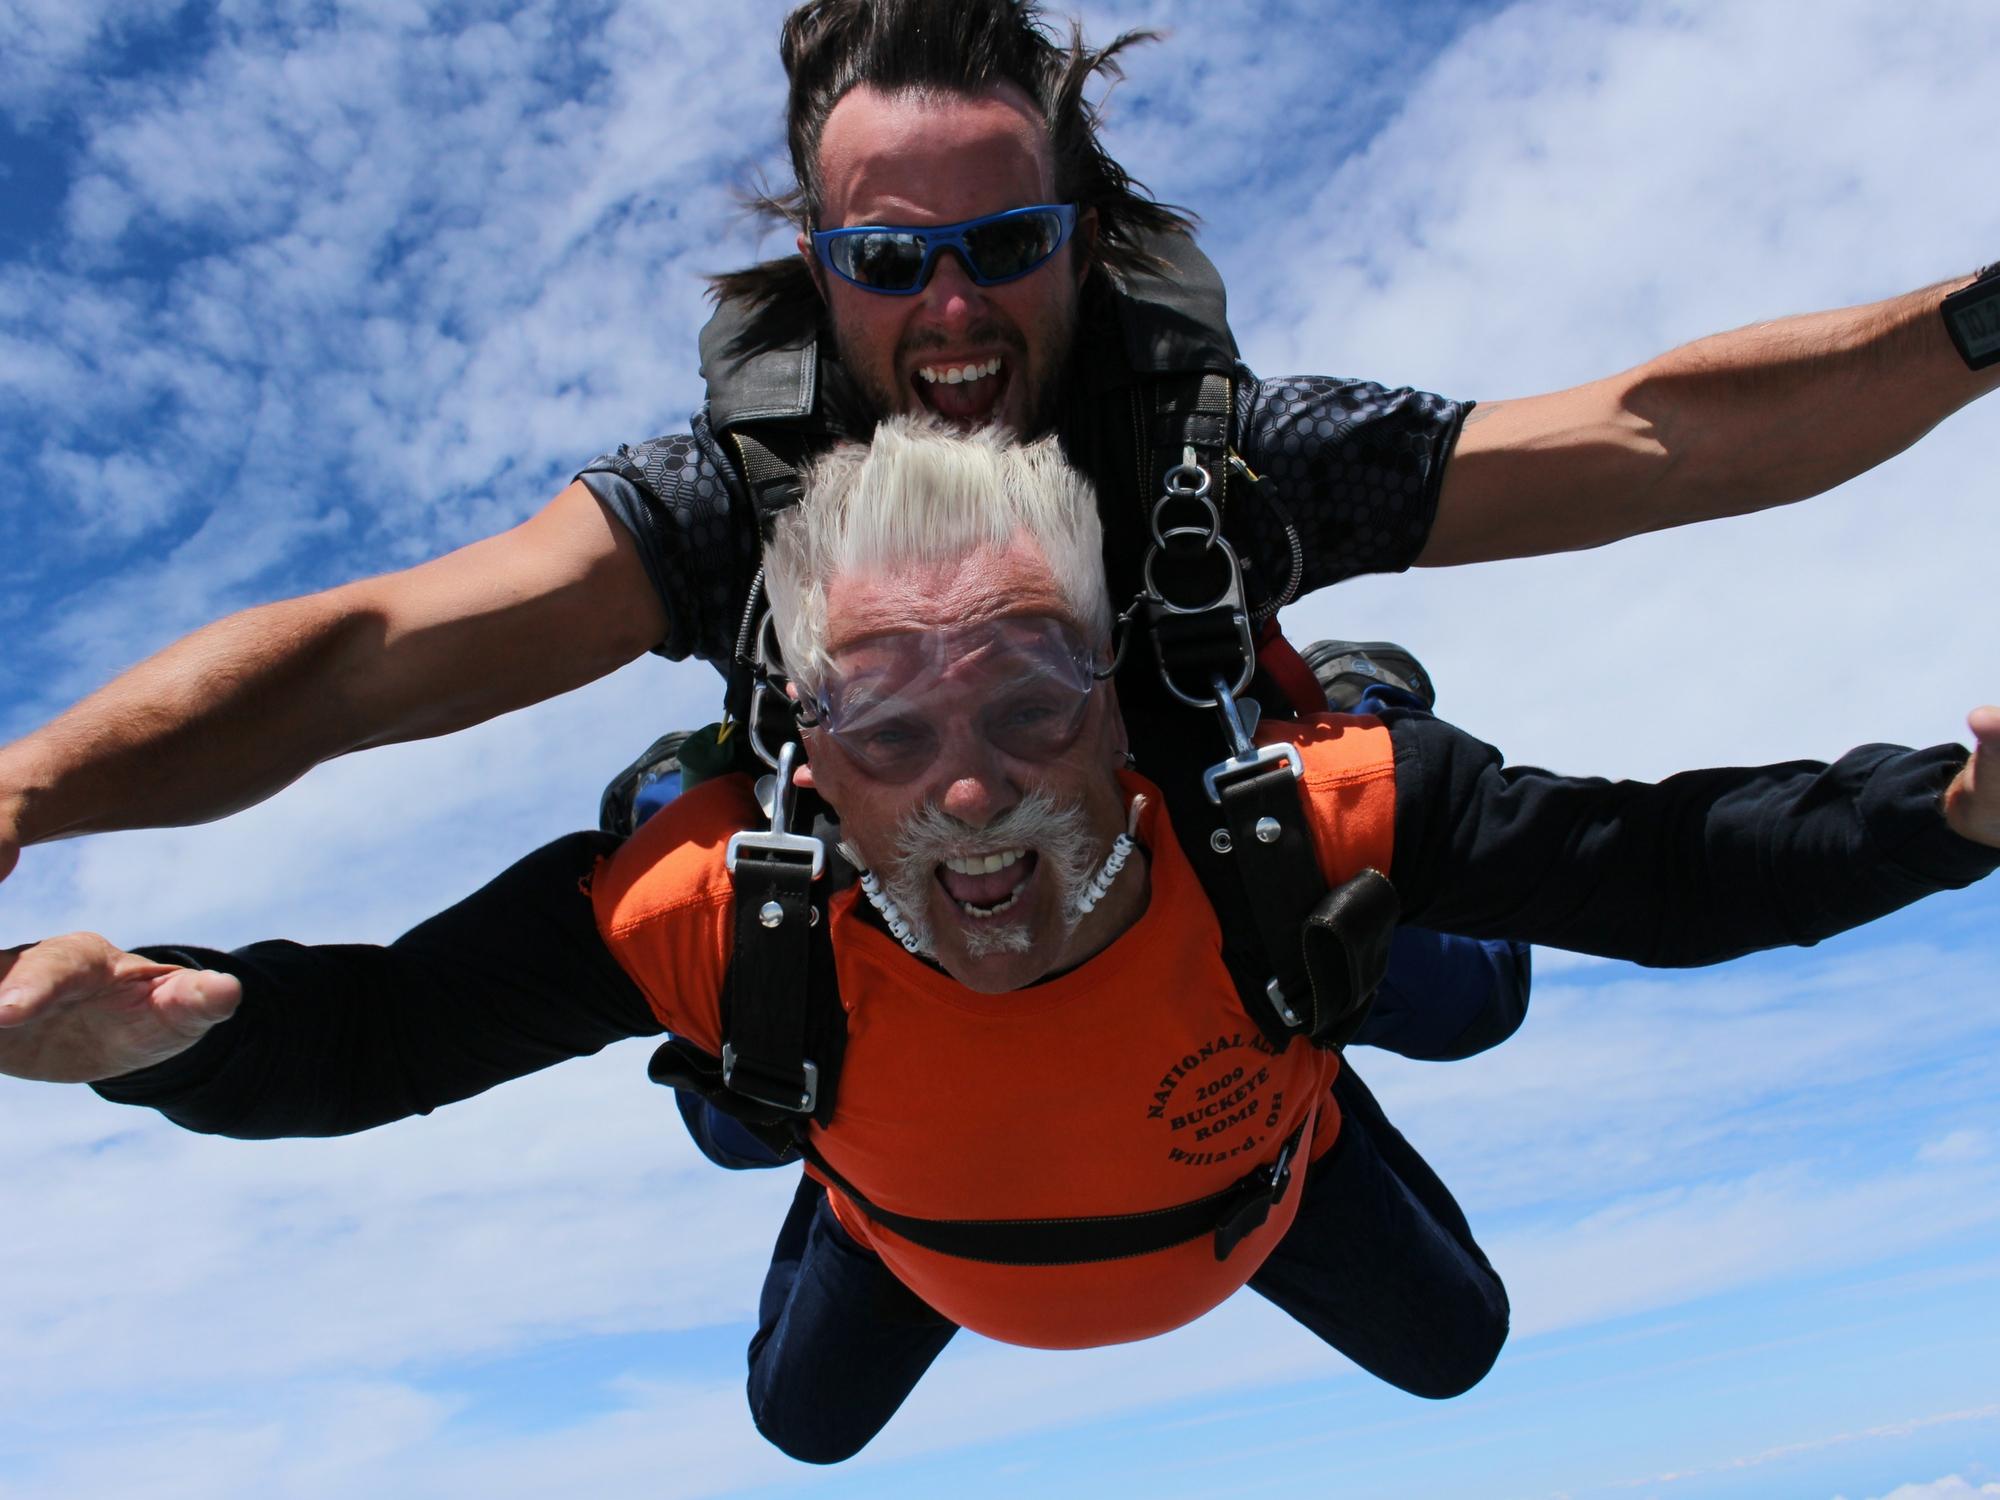 Skydive Tecumseh, Michigan | Skydive Tecumseh